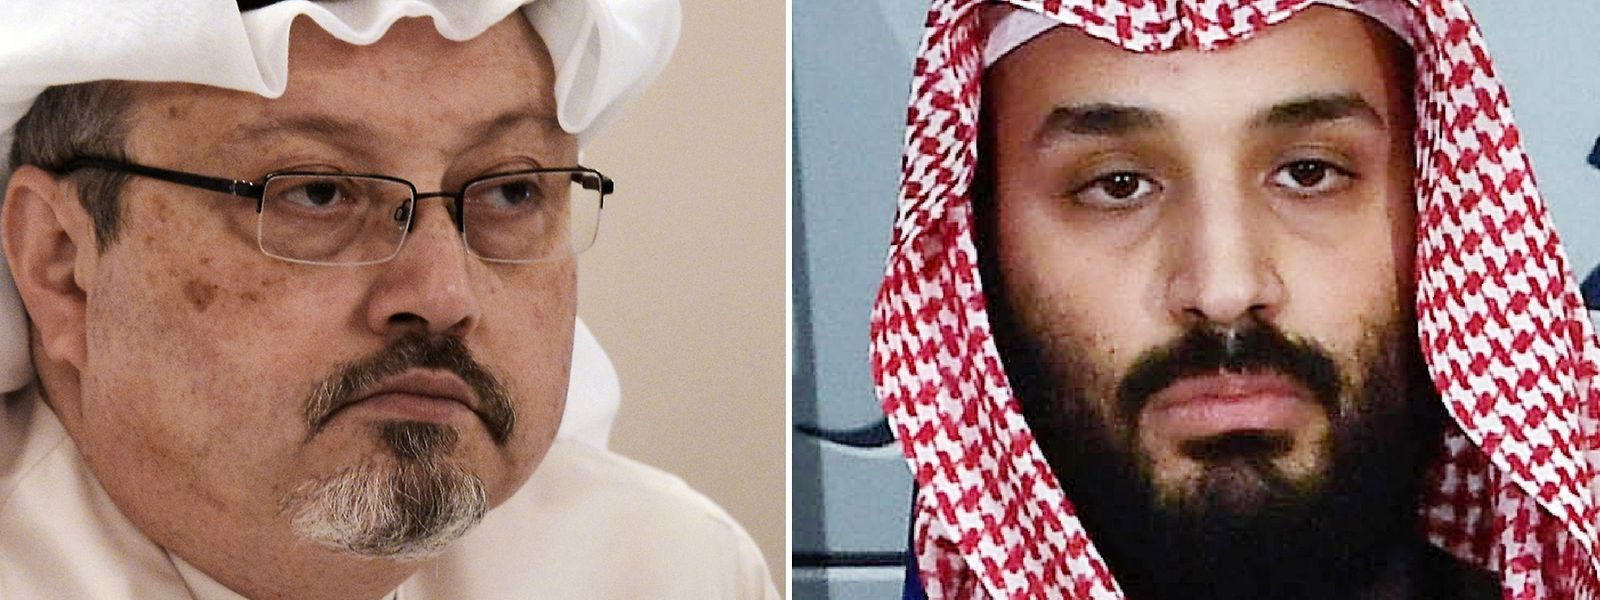 Jamal Khashoggi (l.) wurde am 2. Oktober im saudischen Generalkonsulat in Istanbul ermordet. Die Spuren führen laut CIA-Bericht eindeutig zum saudischen Thronfolger Mohammed bin Salman, kurz MBS.